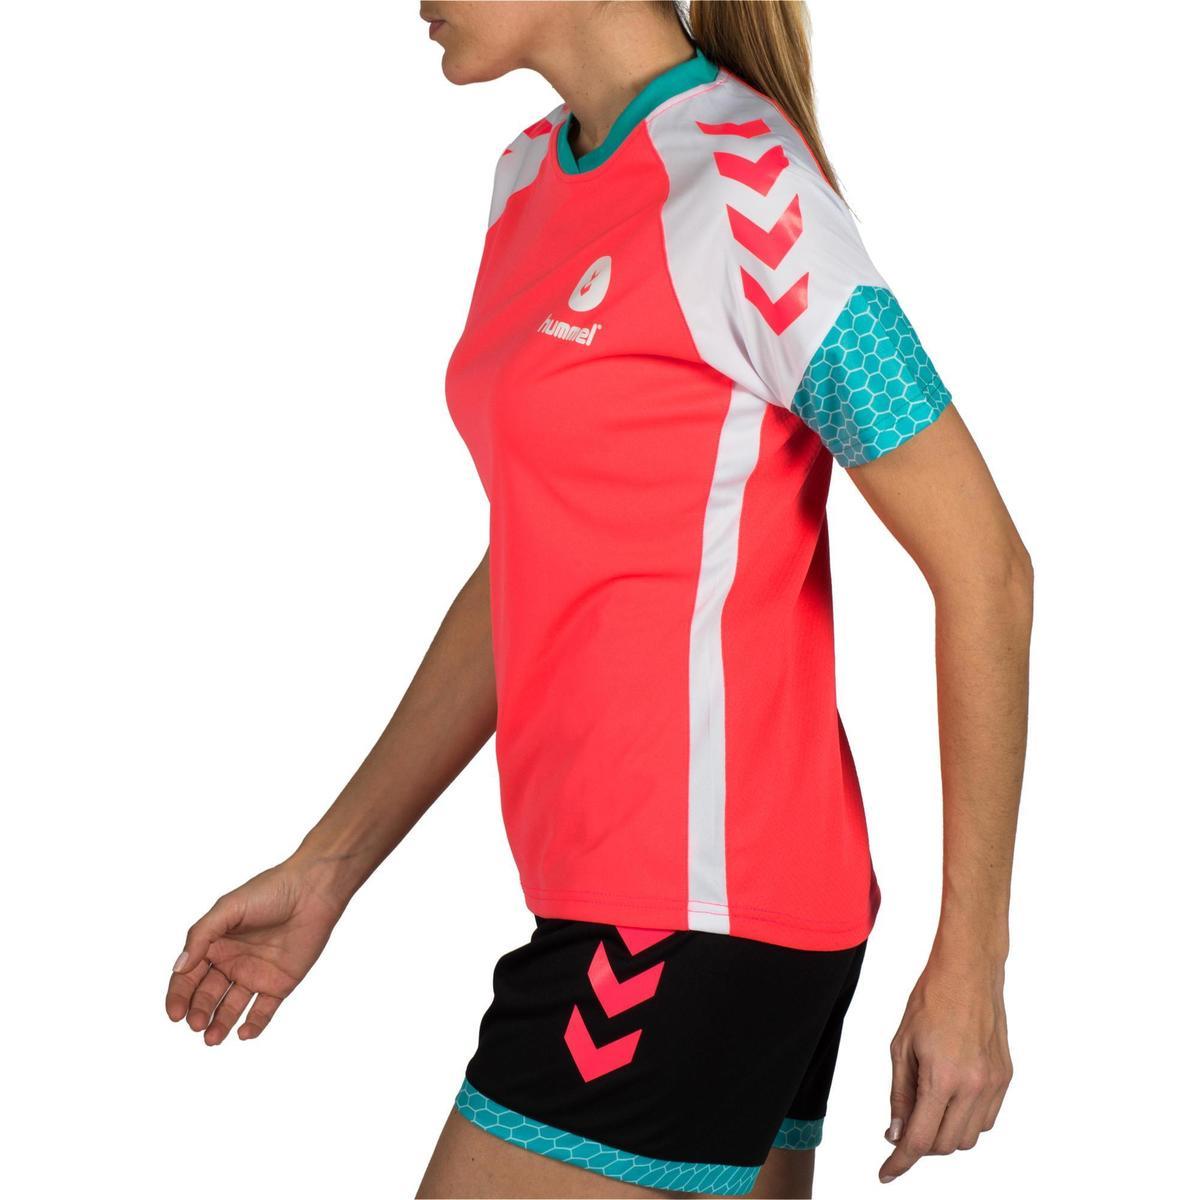 Bild 5 von Handballtrikot Damen rosa/weiß/blau/türkis